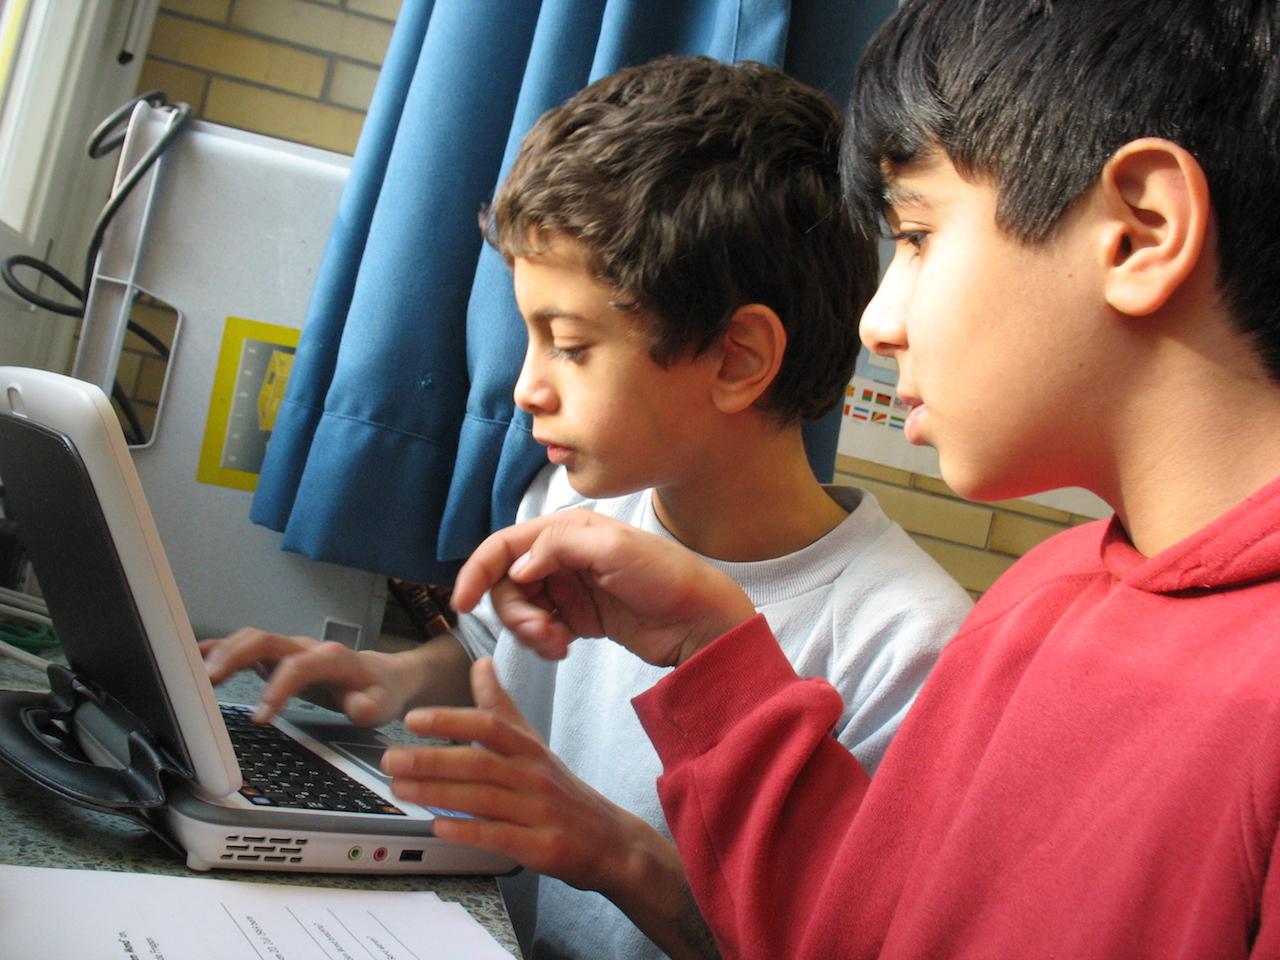 Guter Unterricht - Lernen mit digitalen Medien -  -  (c) Th.Unruh - guterunterricht.de